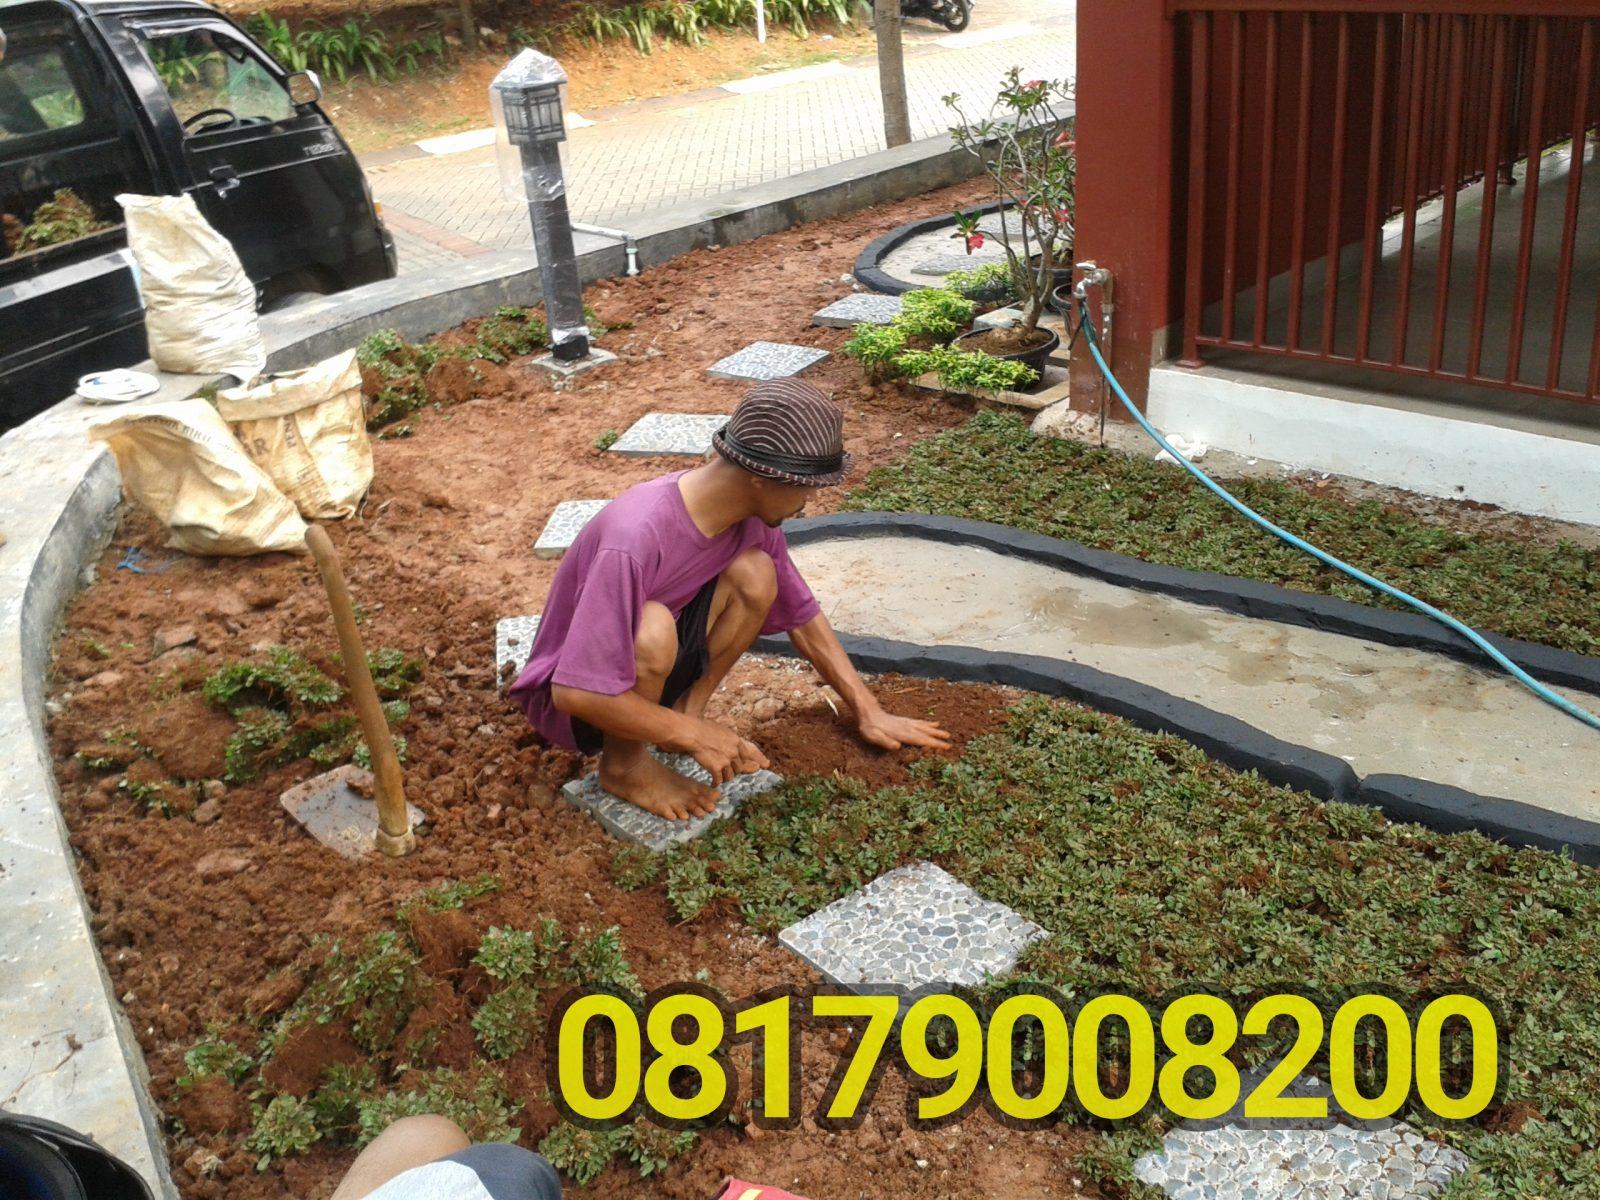 Tukang Taman Di Citra Grand